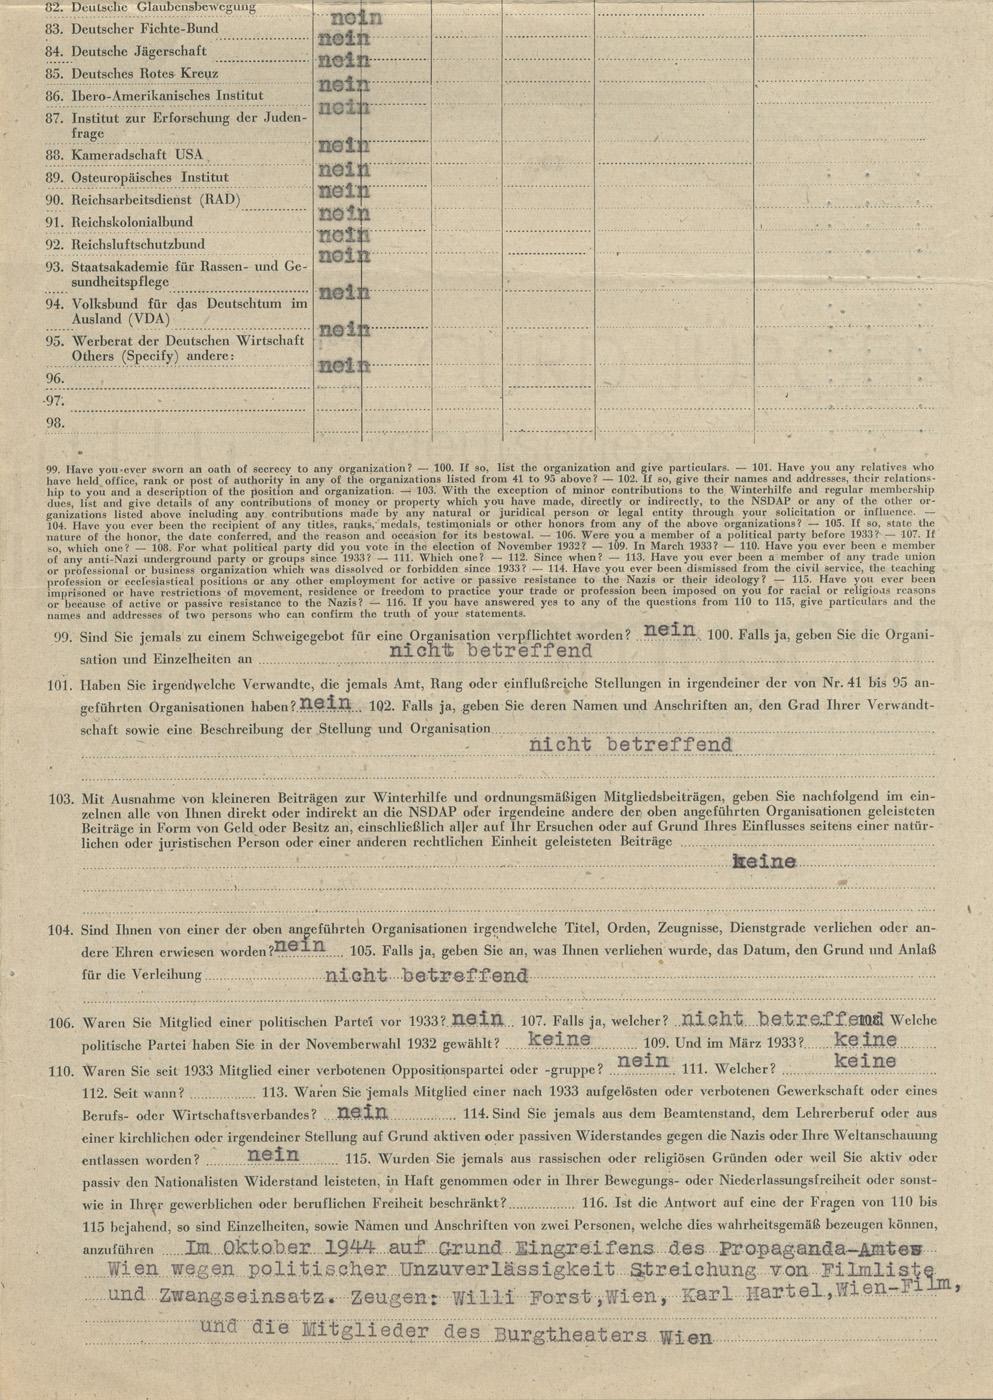 Fragebogen des Military Government of Germany / Militärregierung Deutschlands, 1945